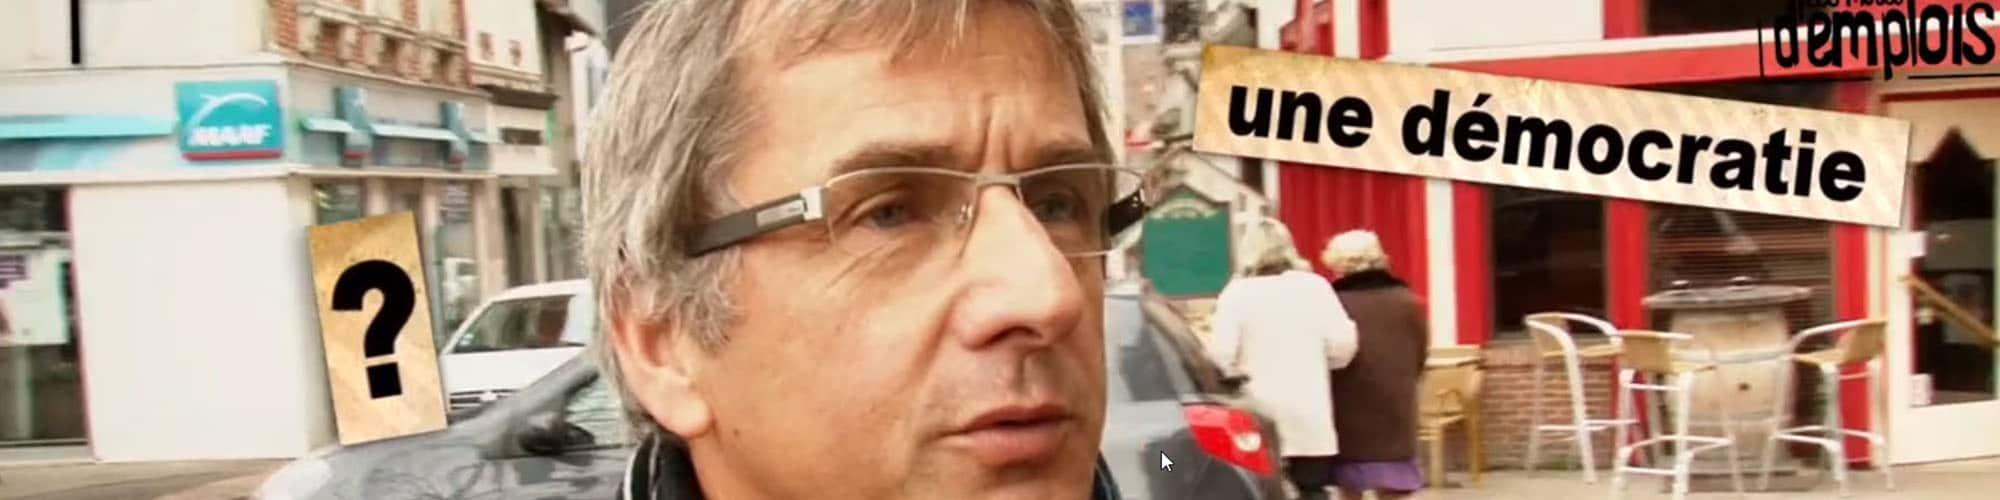 LES AVANTAGES DE LA VIDÉO INTERVIEW